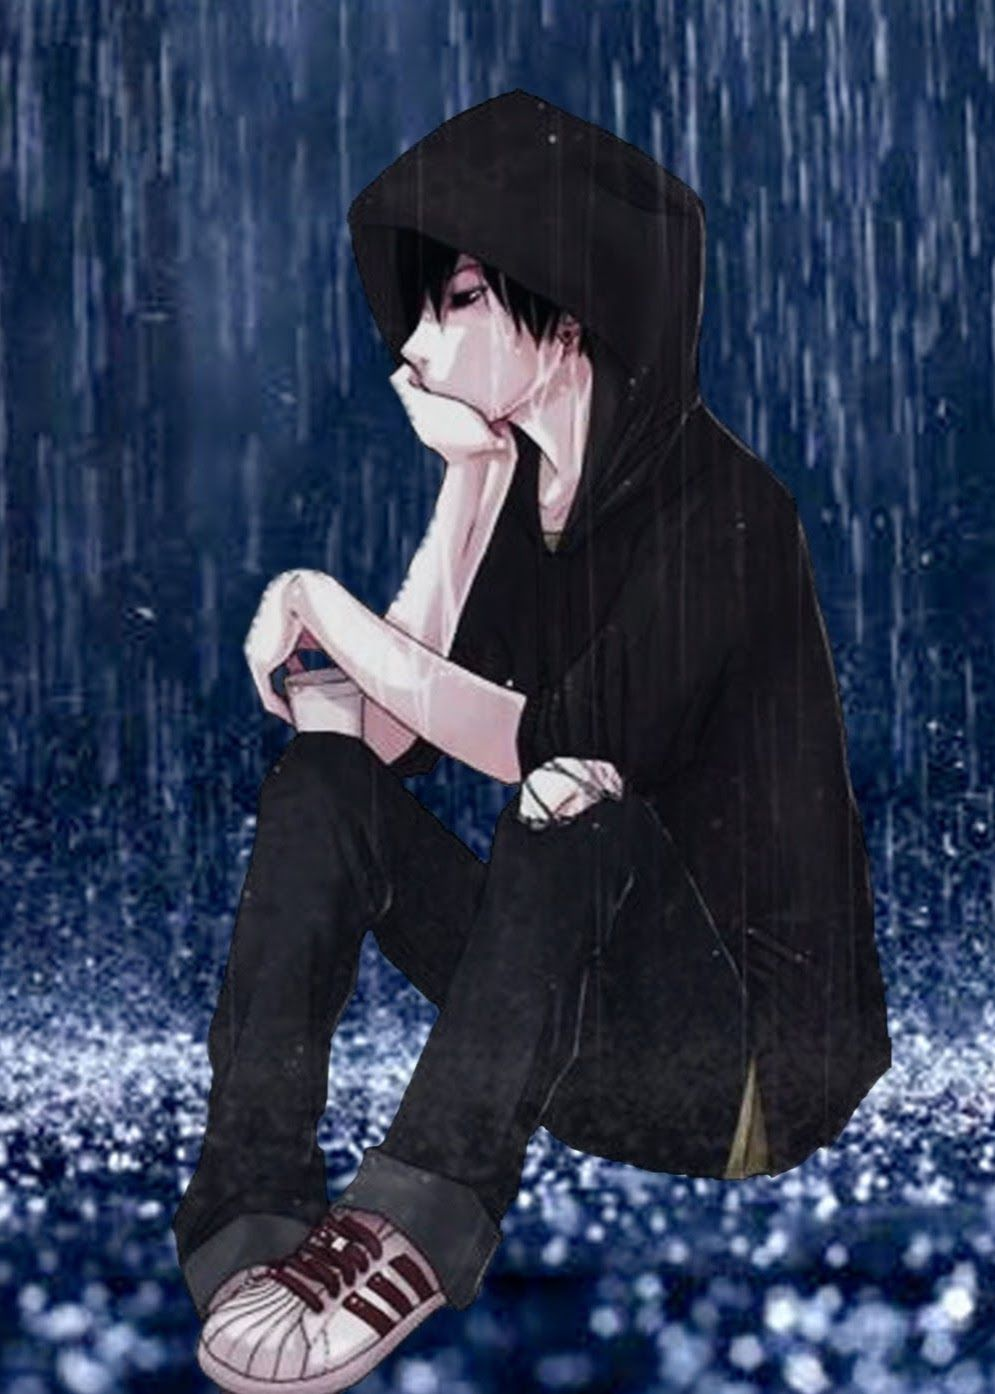 Anime Wallpaper Hd Alone Alone Boy Walking Away Sad Anime Wallpaper